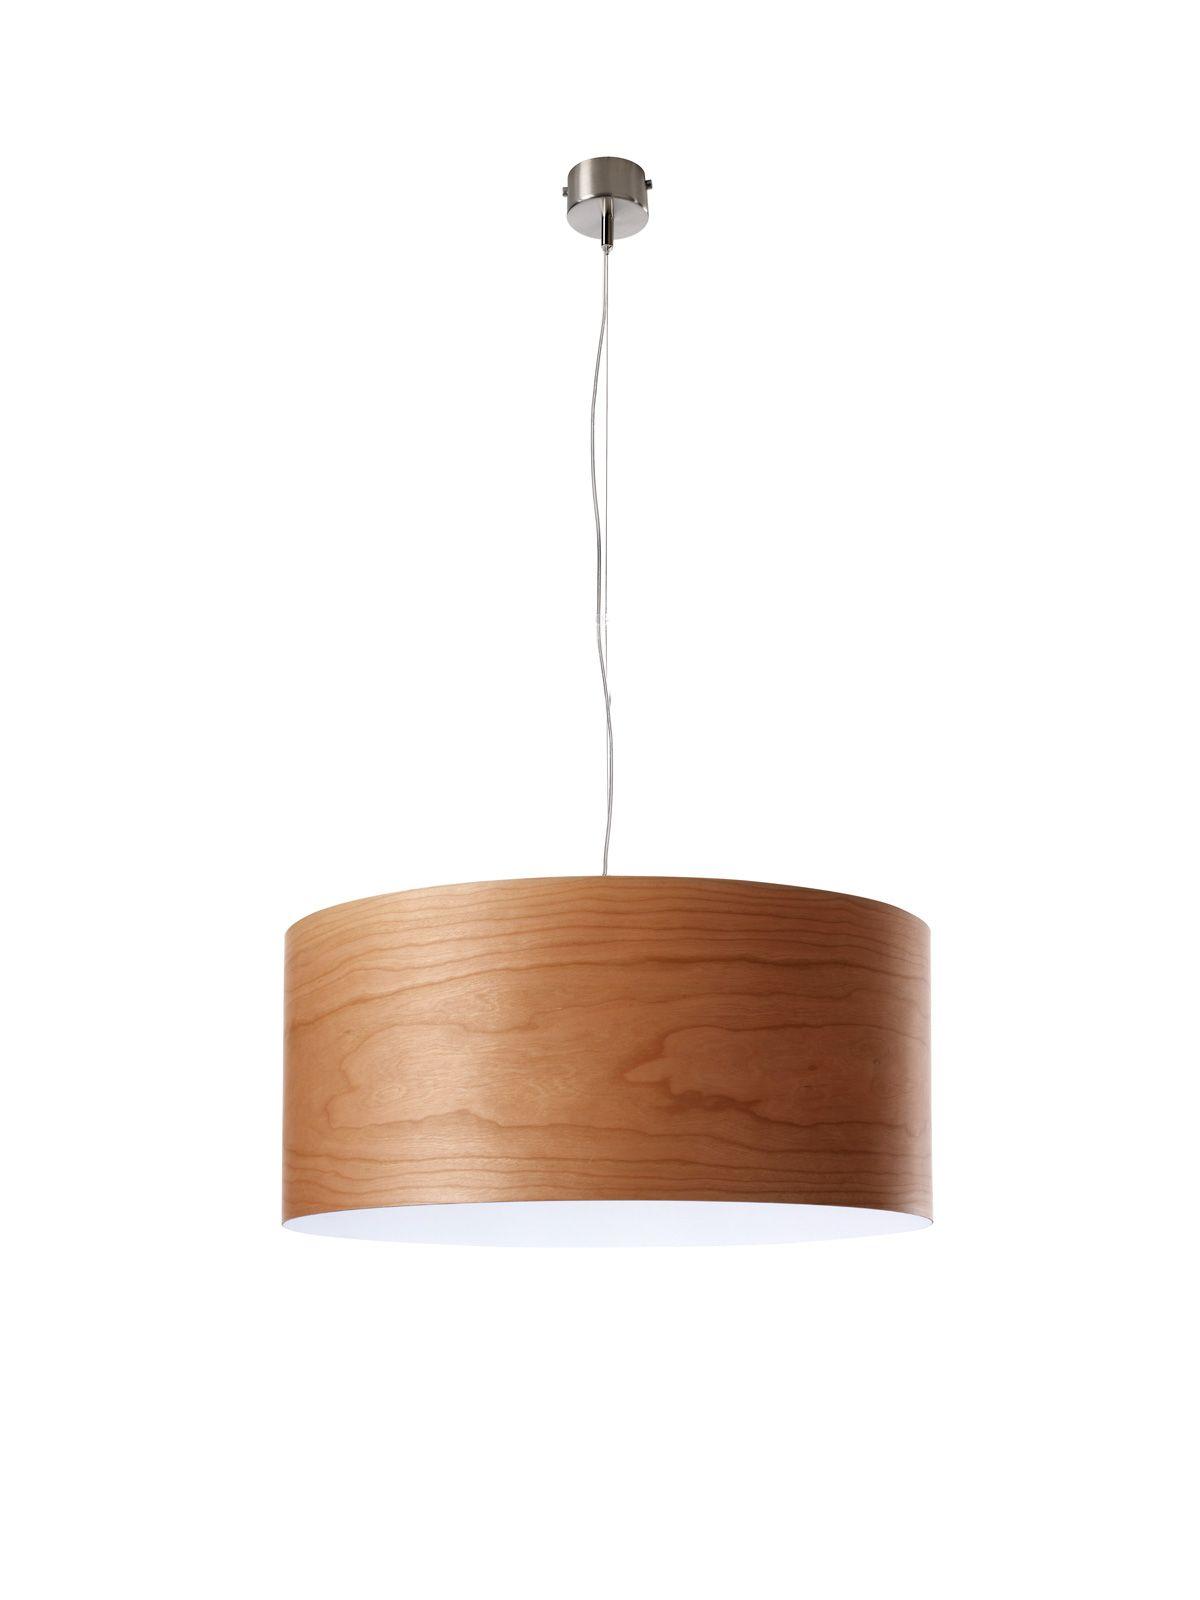 Gea S Lzf Lampen Aus Naturmaterialien Natural Materials Pinterest